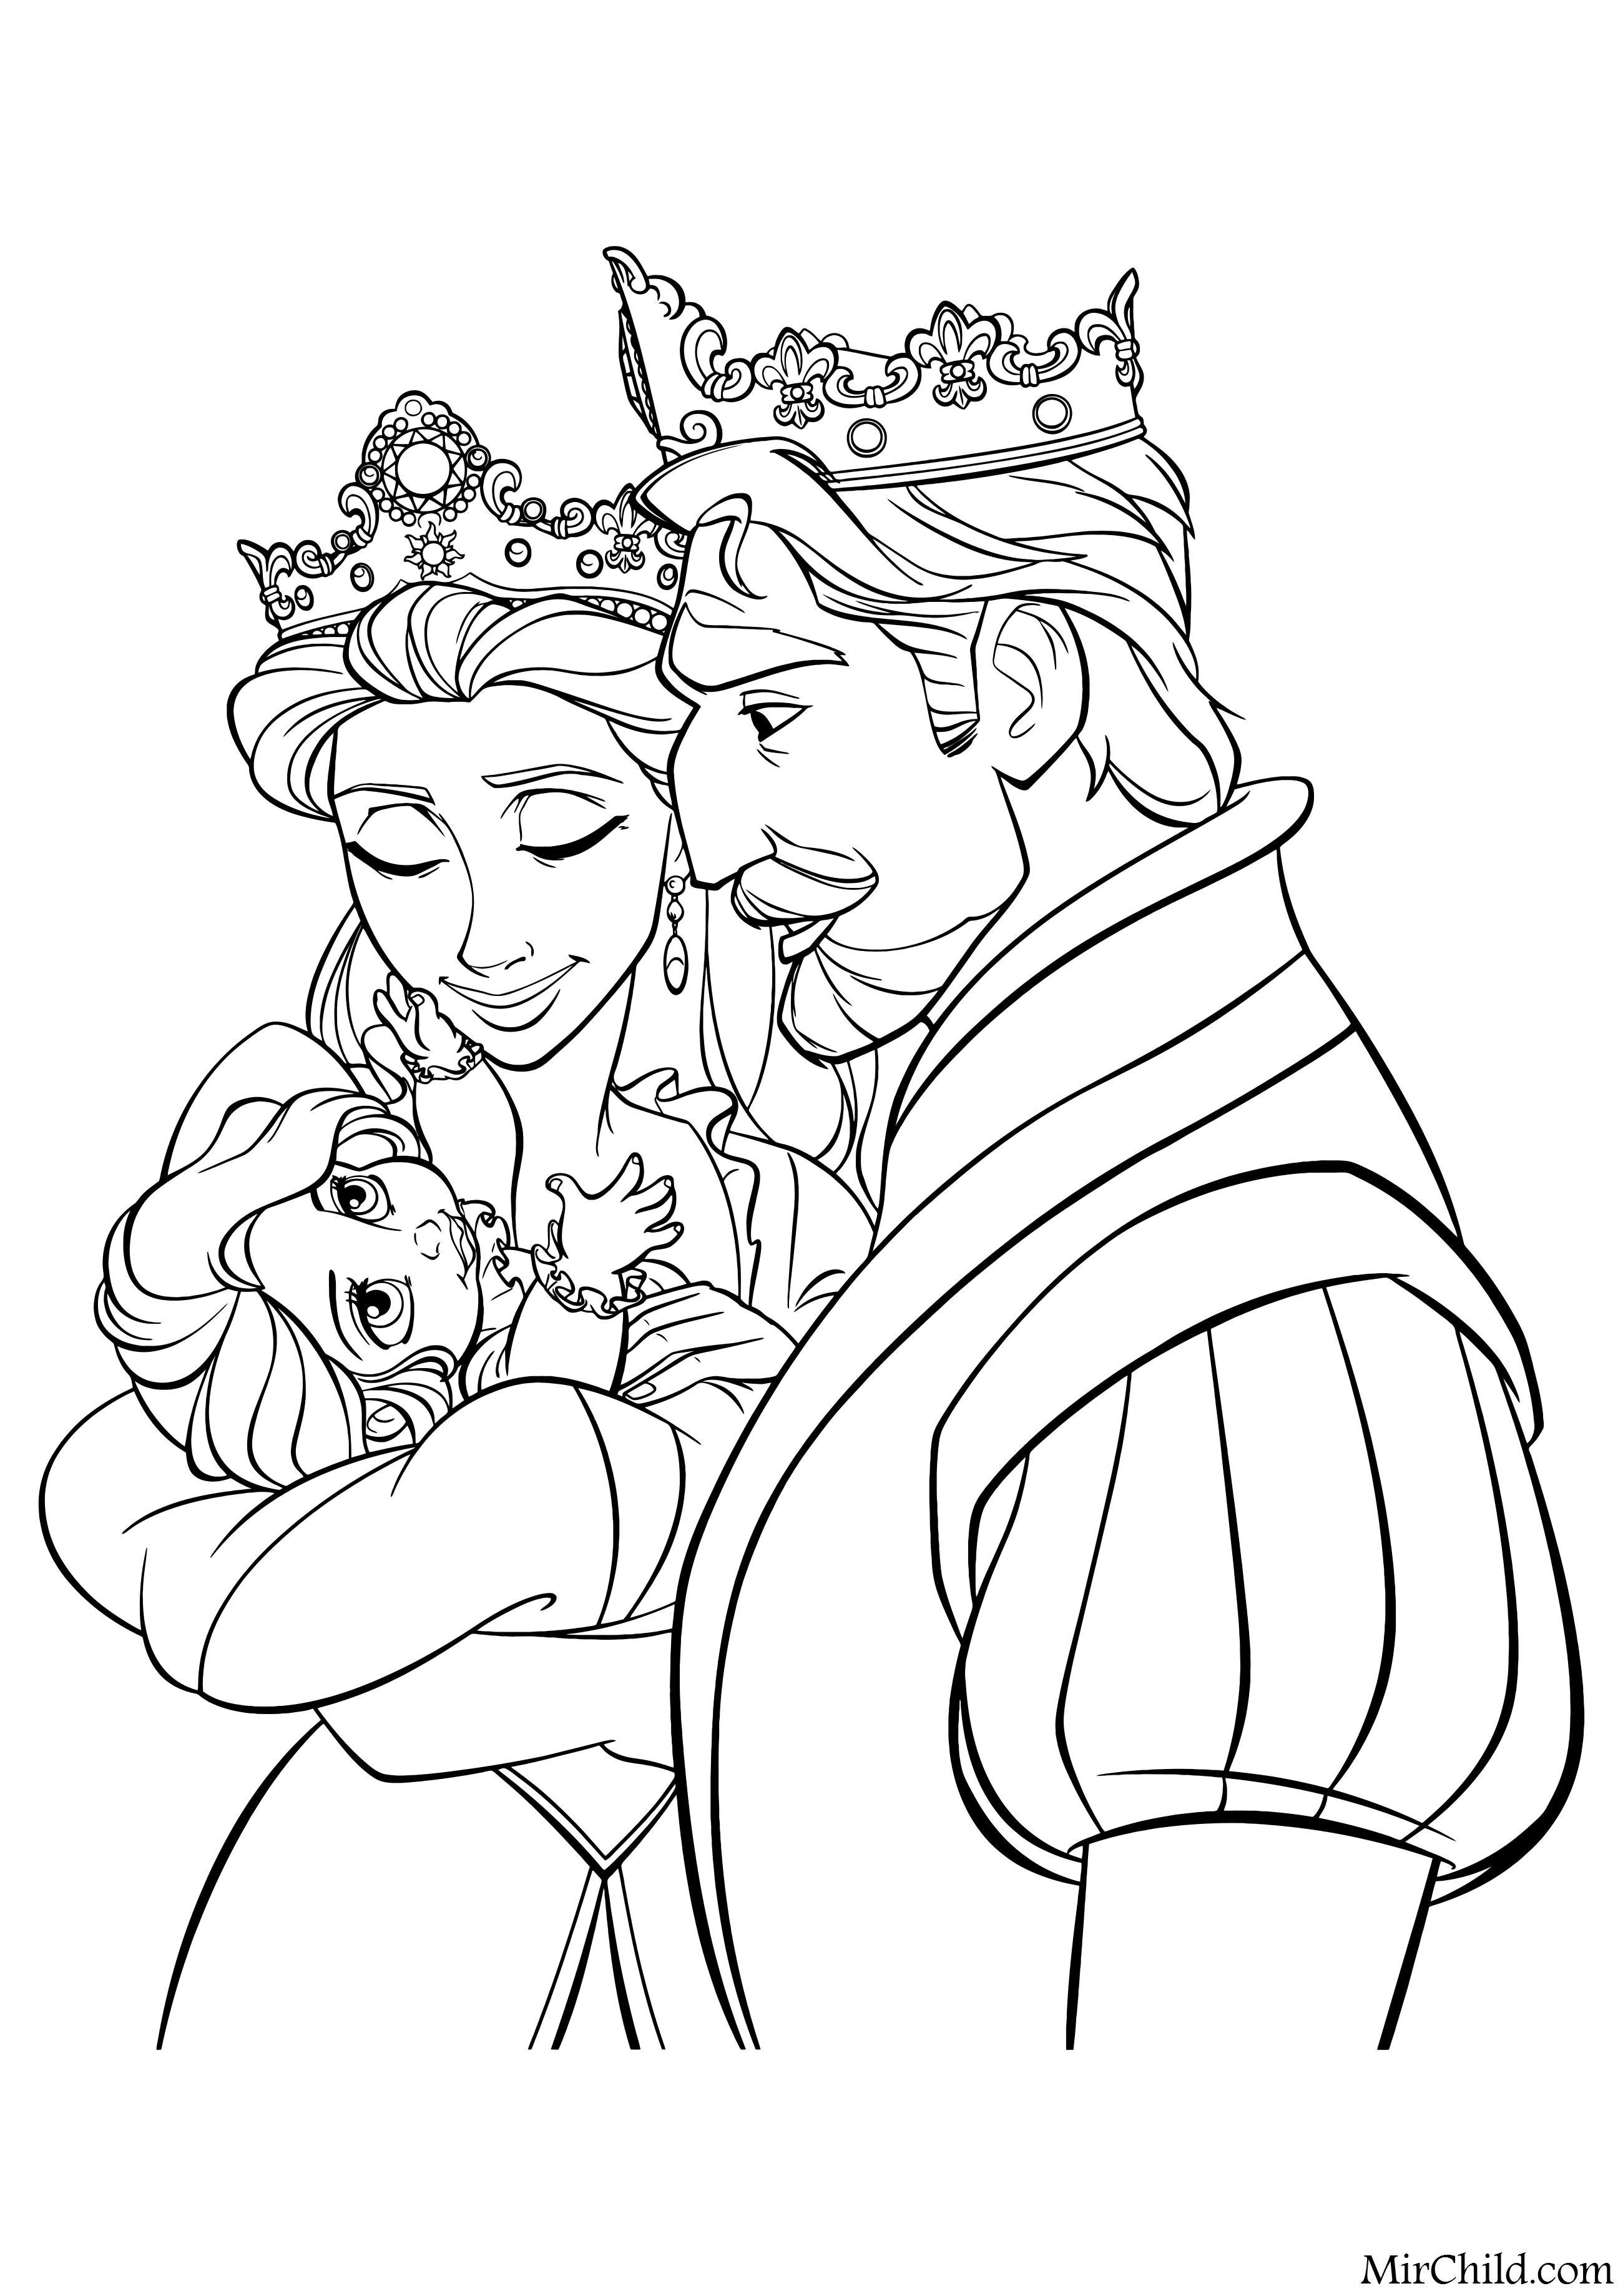 Раскраска - Рапунцель: Запутанная история - Король и ...